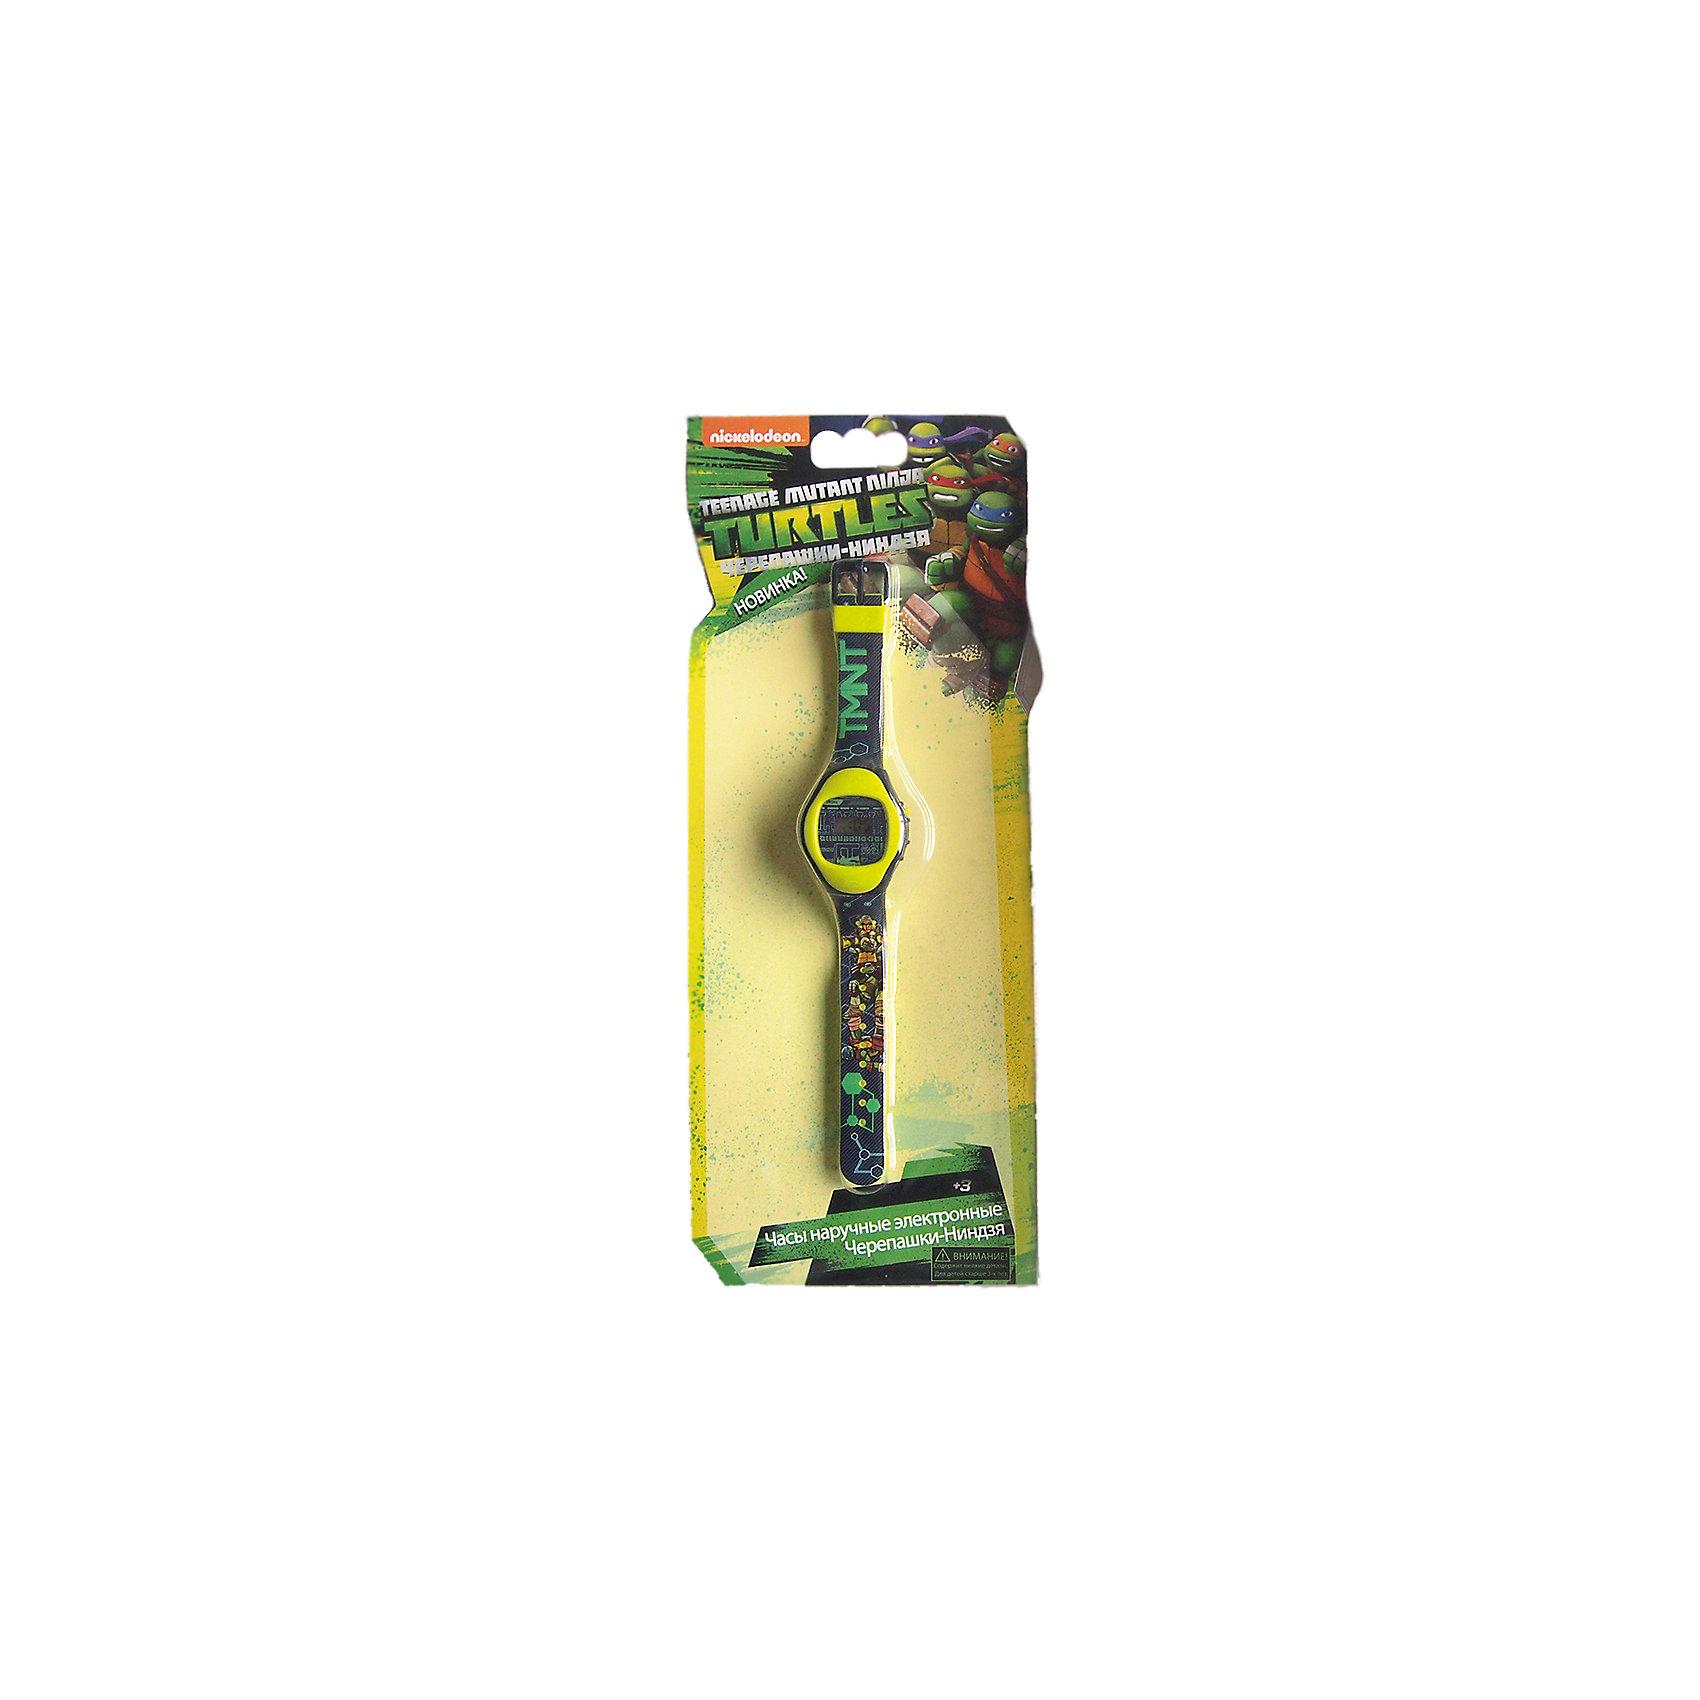 Часы наручные электронные Черепашки-НиндзяПринцессы Дисней<br>Электронные детские часы с корпусом и браслетом из пластика. Циферблат защищен от повреждений прочным пластиковым стеклом. Товар изготовлен полностью из пластмассы с питанием от химических источников тока, 1 сменный элемент включен в комплект (LR41 (AG3) 1.5 V). Рекомендуемый возраст: от 3 лет.<br><br>Ширина мм: 255<br>Глубина мм: 310<br>Высота мм: 40<br>Вес г: 60<br>Возраст от месяцев: 36<br>Возраст до месяцев: 168<br>Пол: Женский<br>Возраст: Детский<br>SKU: 2619350